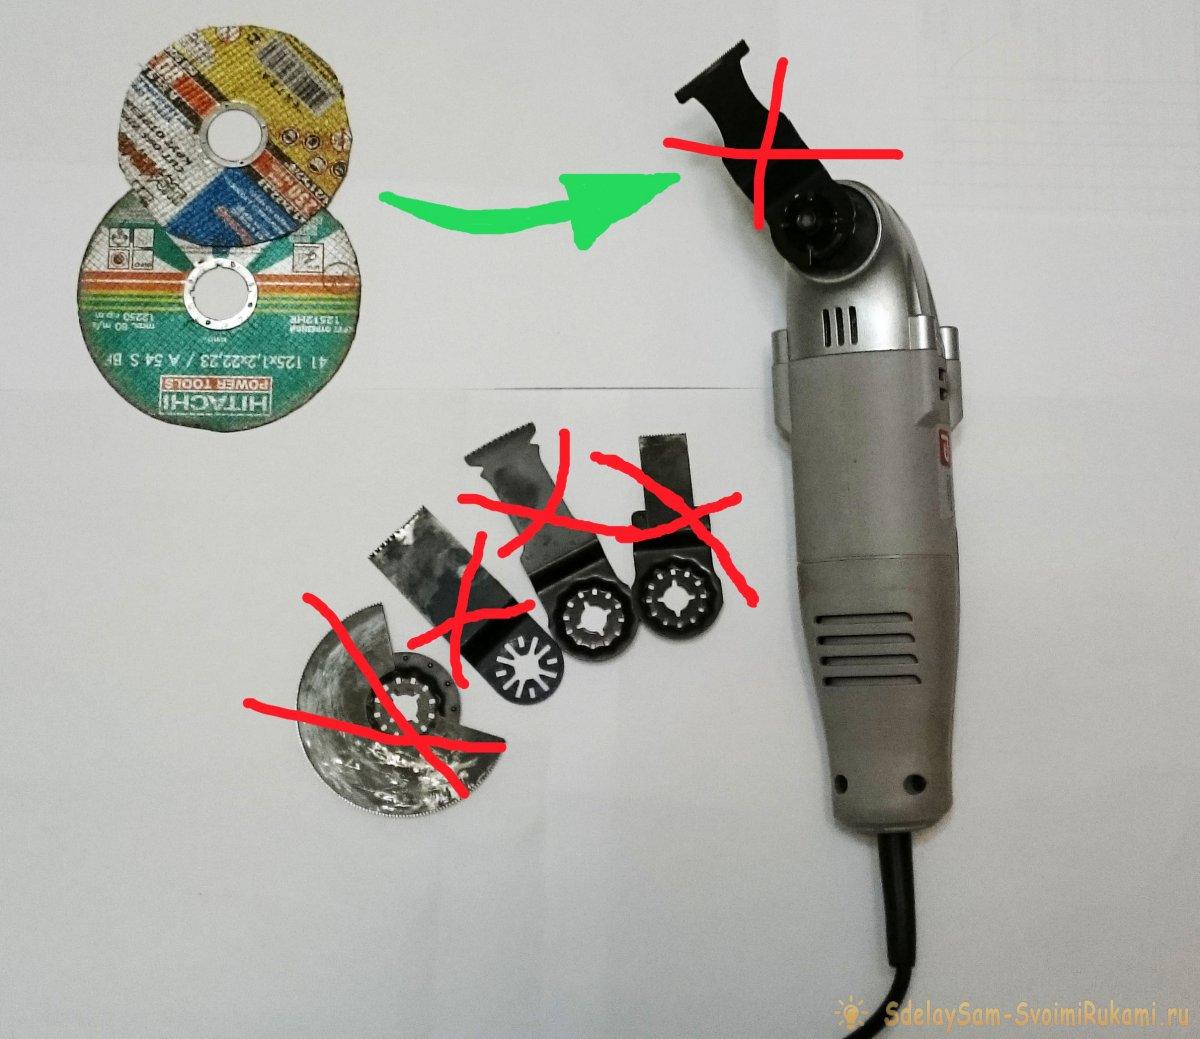 Реноватор Bosch как выбрать насадки для реноватора Особенности оснастки для аккумуляторного многофункционального инструмента